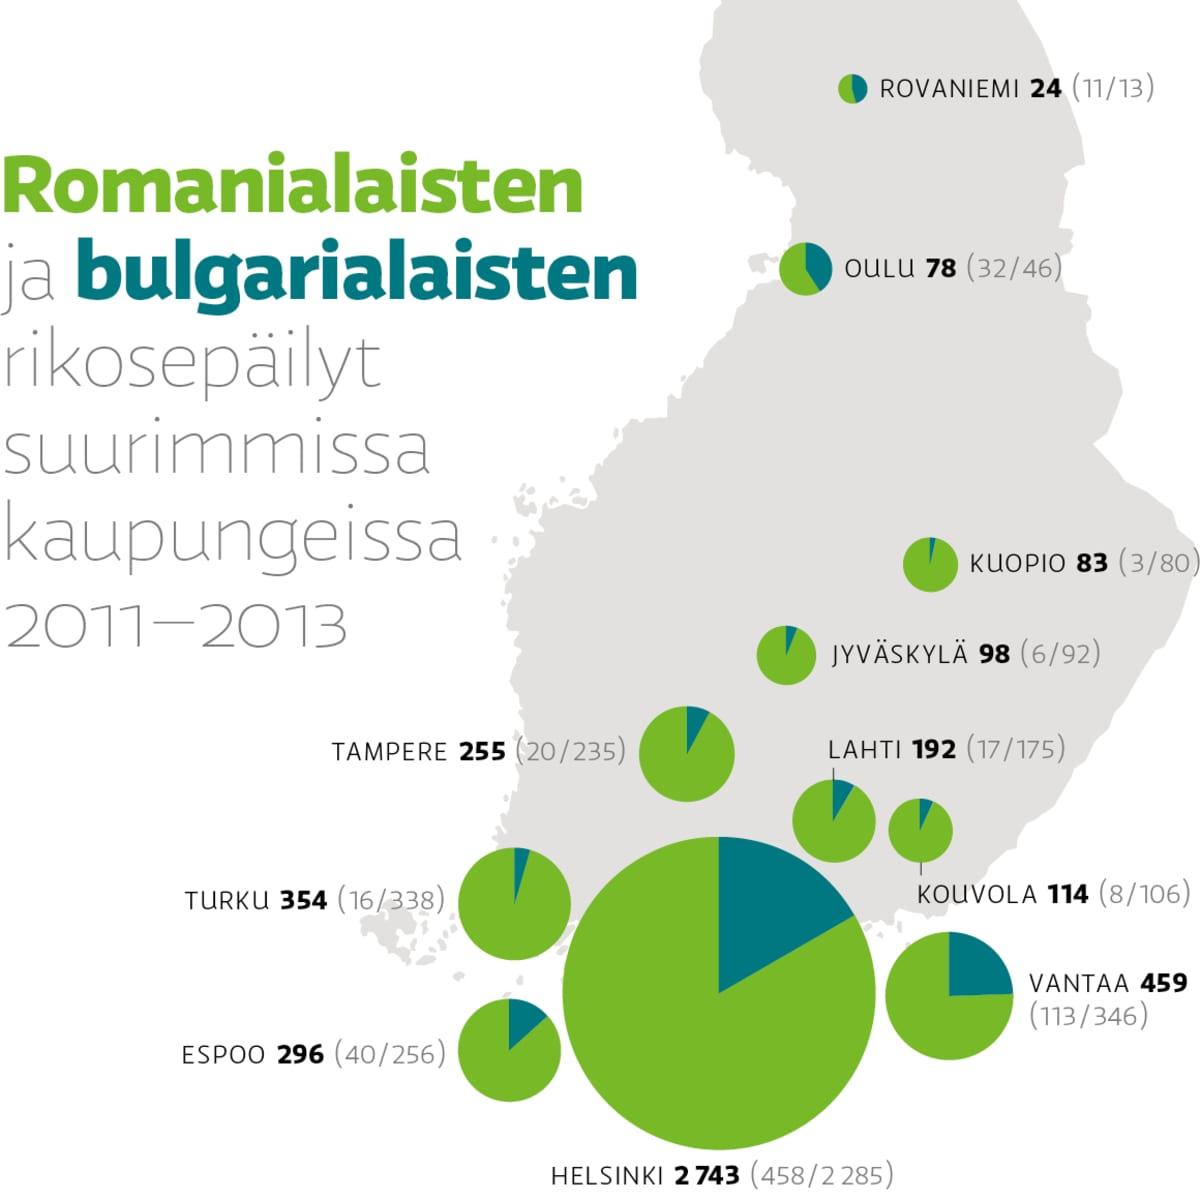 Romanialaisten ja bulgarialaisten rikosepäilyt suurimmissa kaupungeissa 2011–2013.